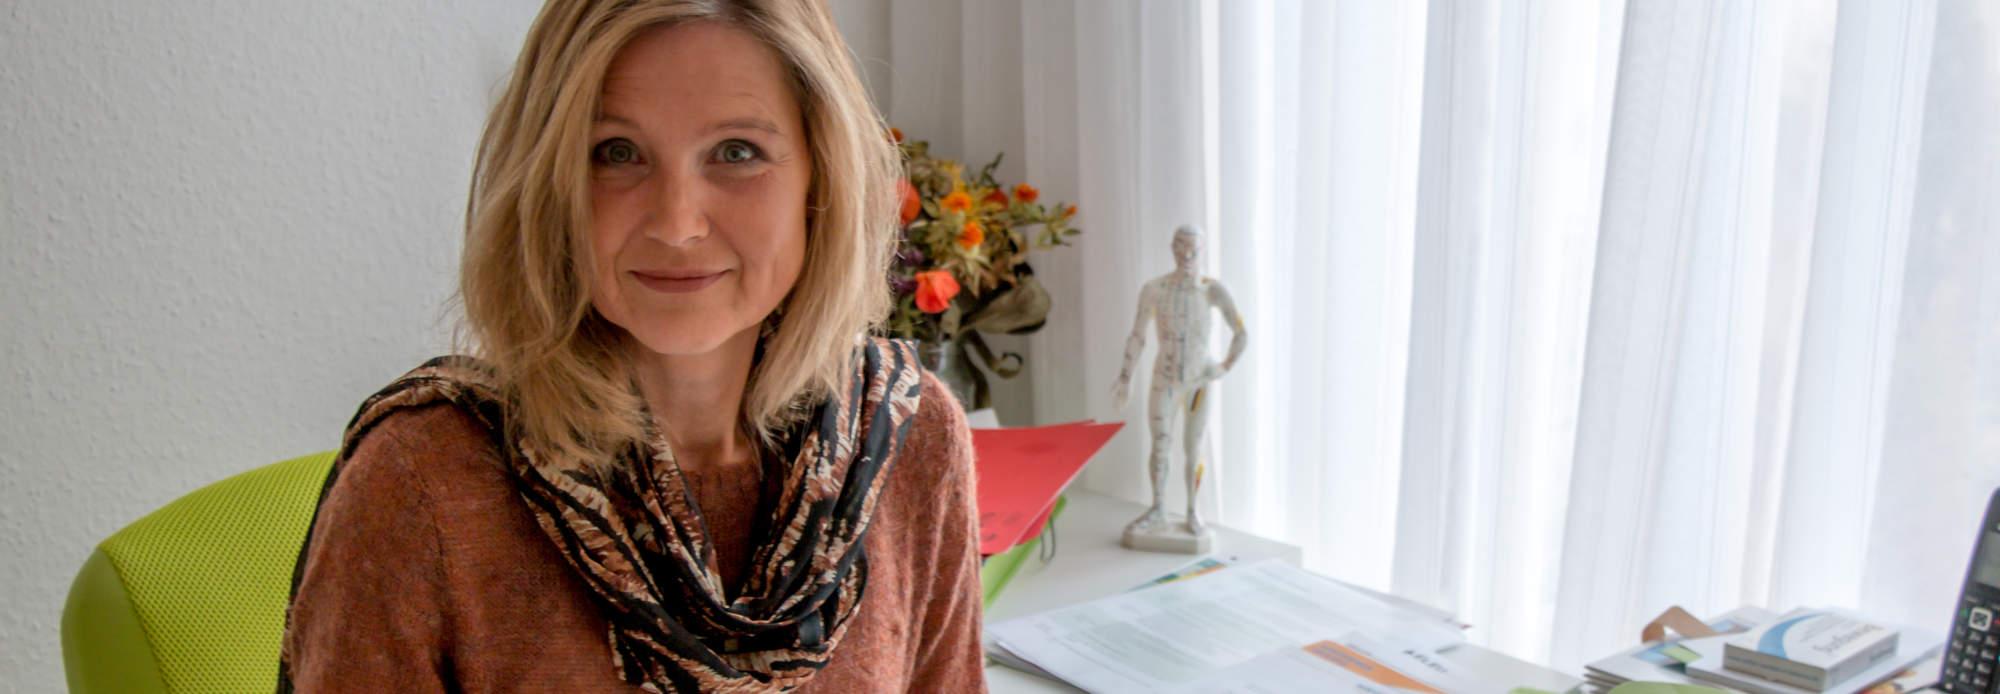 Heilpraktikerin Sabine Lang Ober-Ramstadt